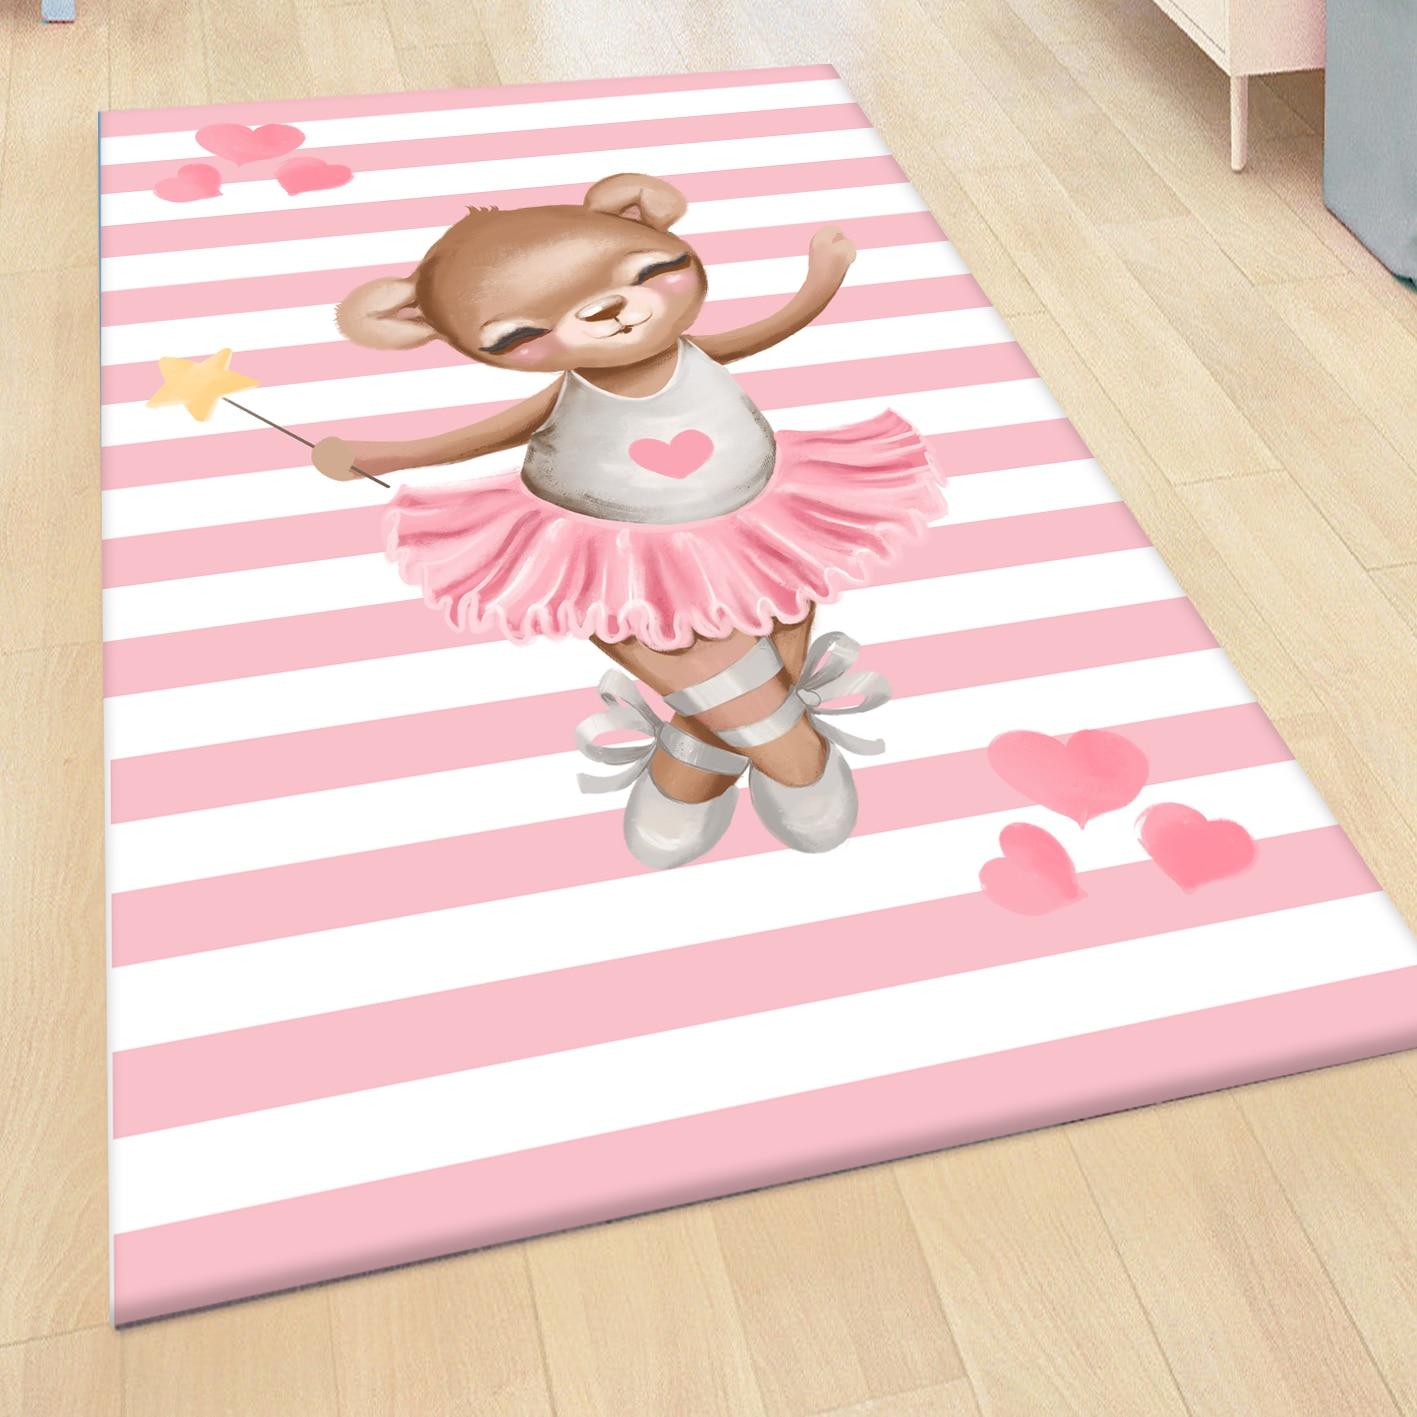 سجادة من الألياف الدقيقة لراقصة الباليه الوردية للفتيات ، بطباعة ثلاثية الأبعاد ، غير قابلة للانزلاق ، لتزيين غرفة الأطفال والرضع